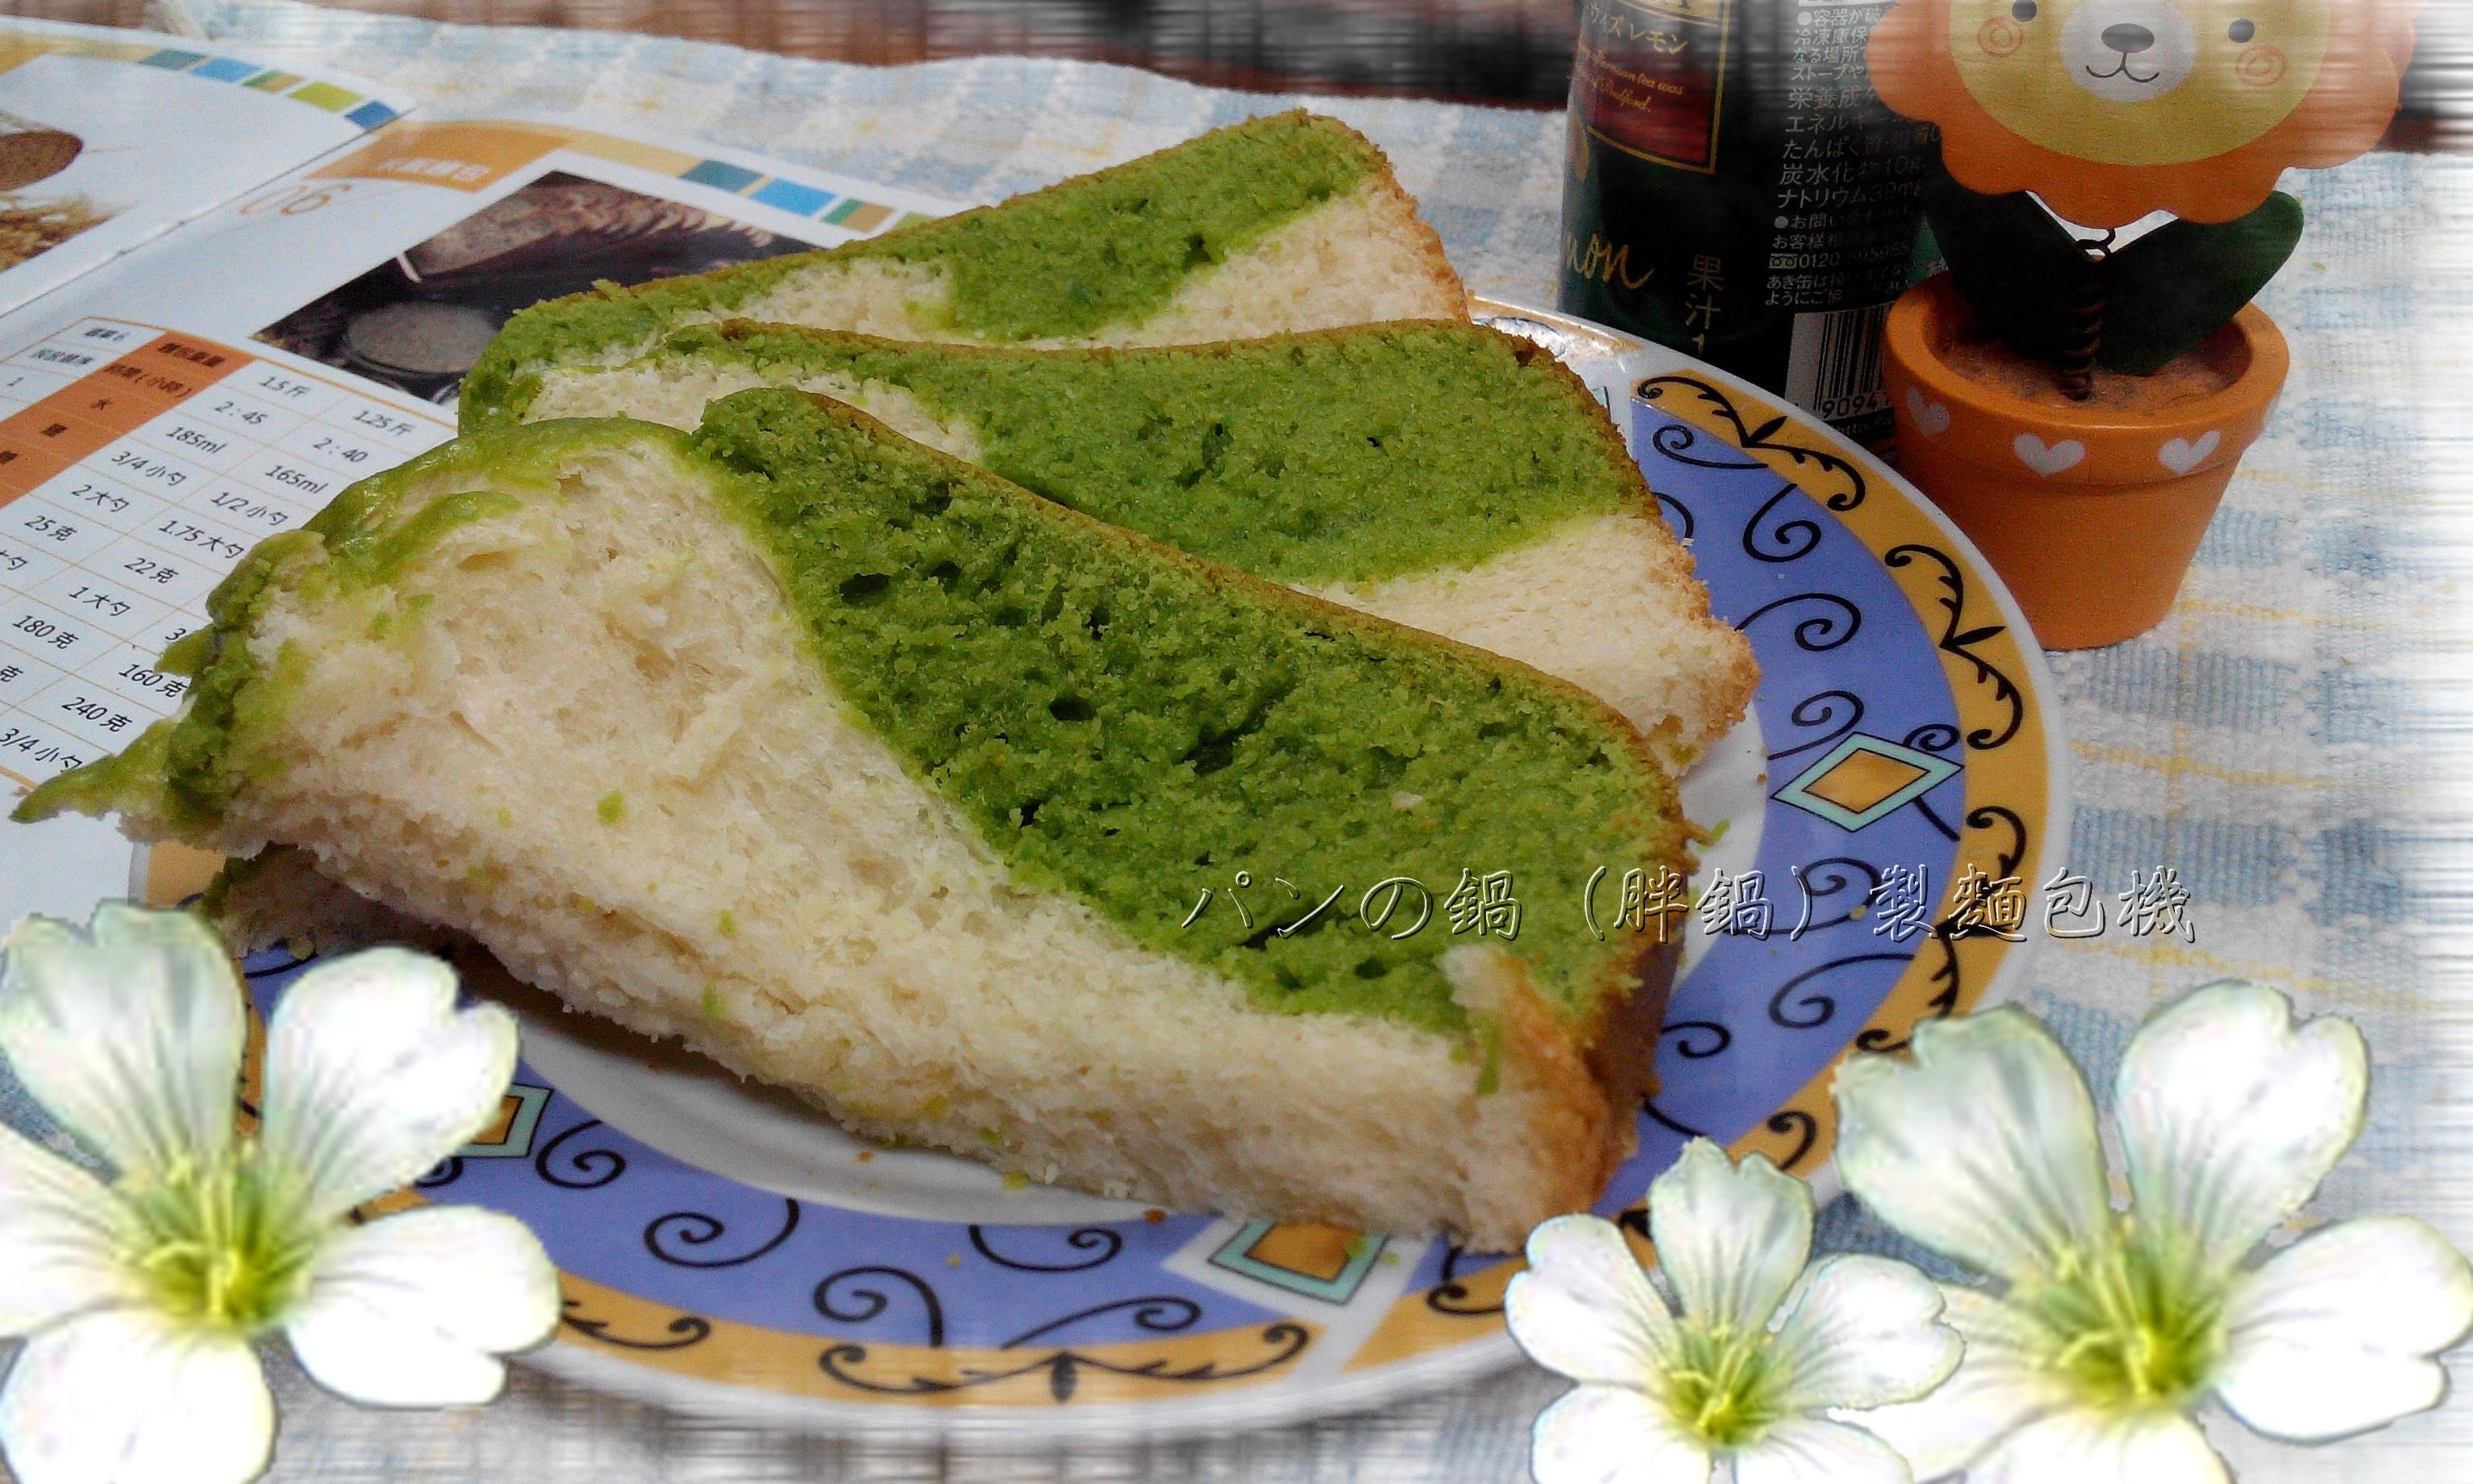 抹茶蛋糕吐司-パンの鍋(胖鍋)製麵包機